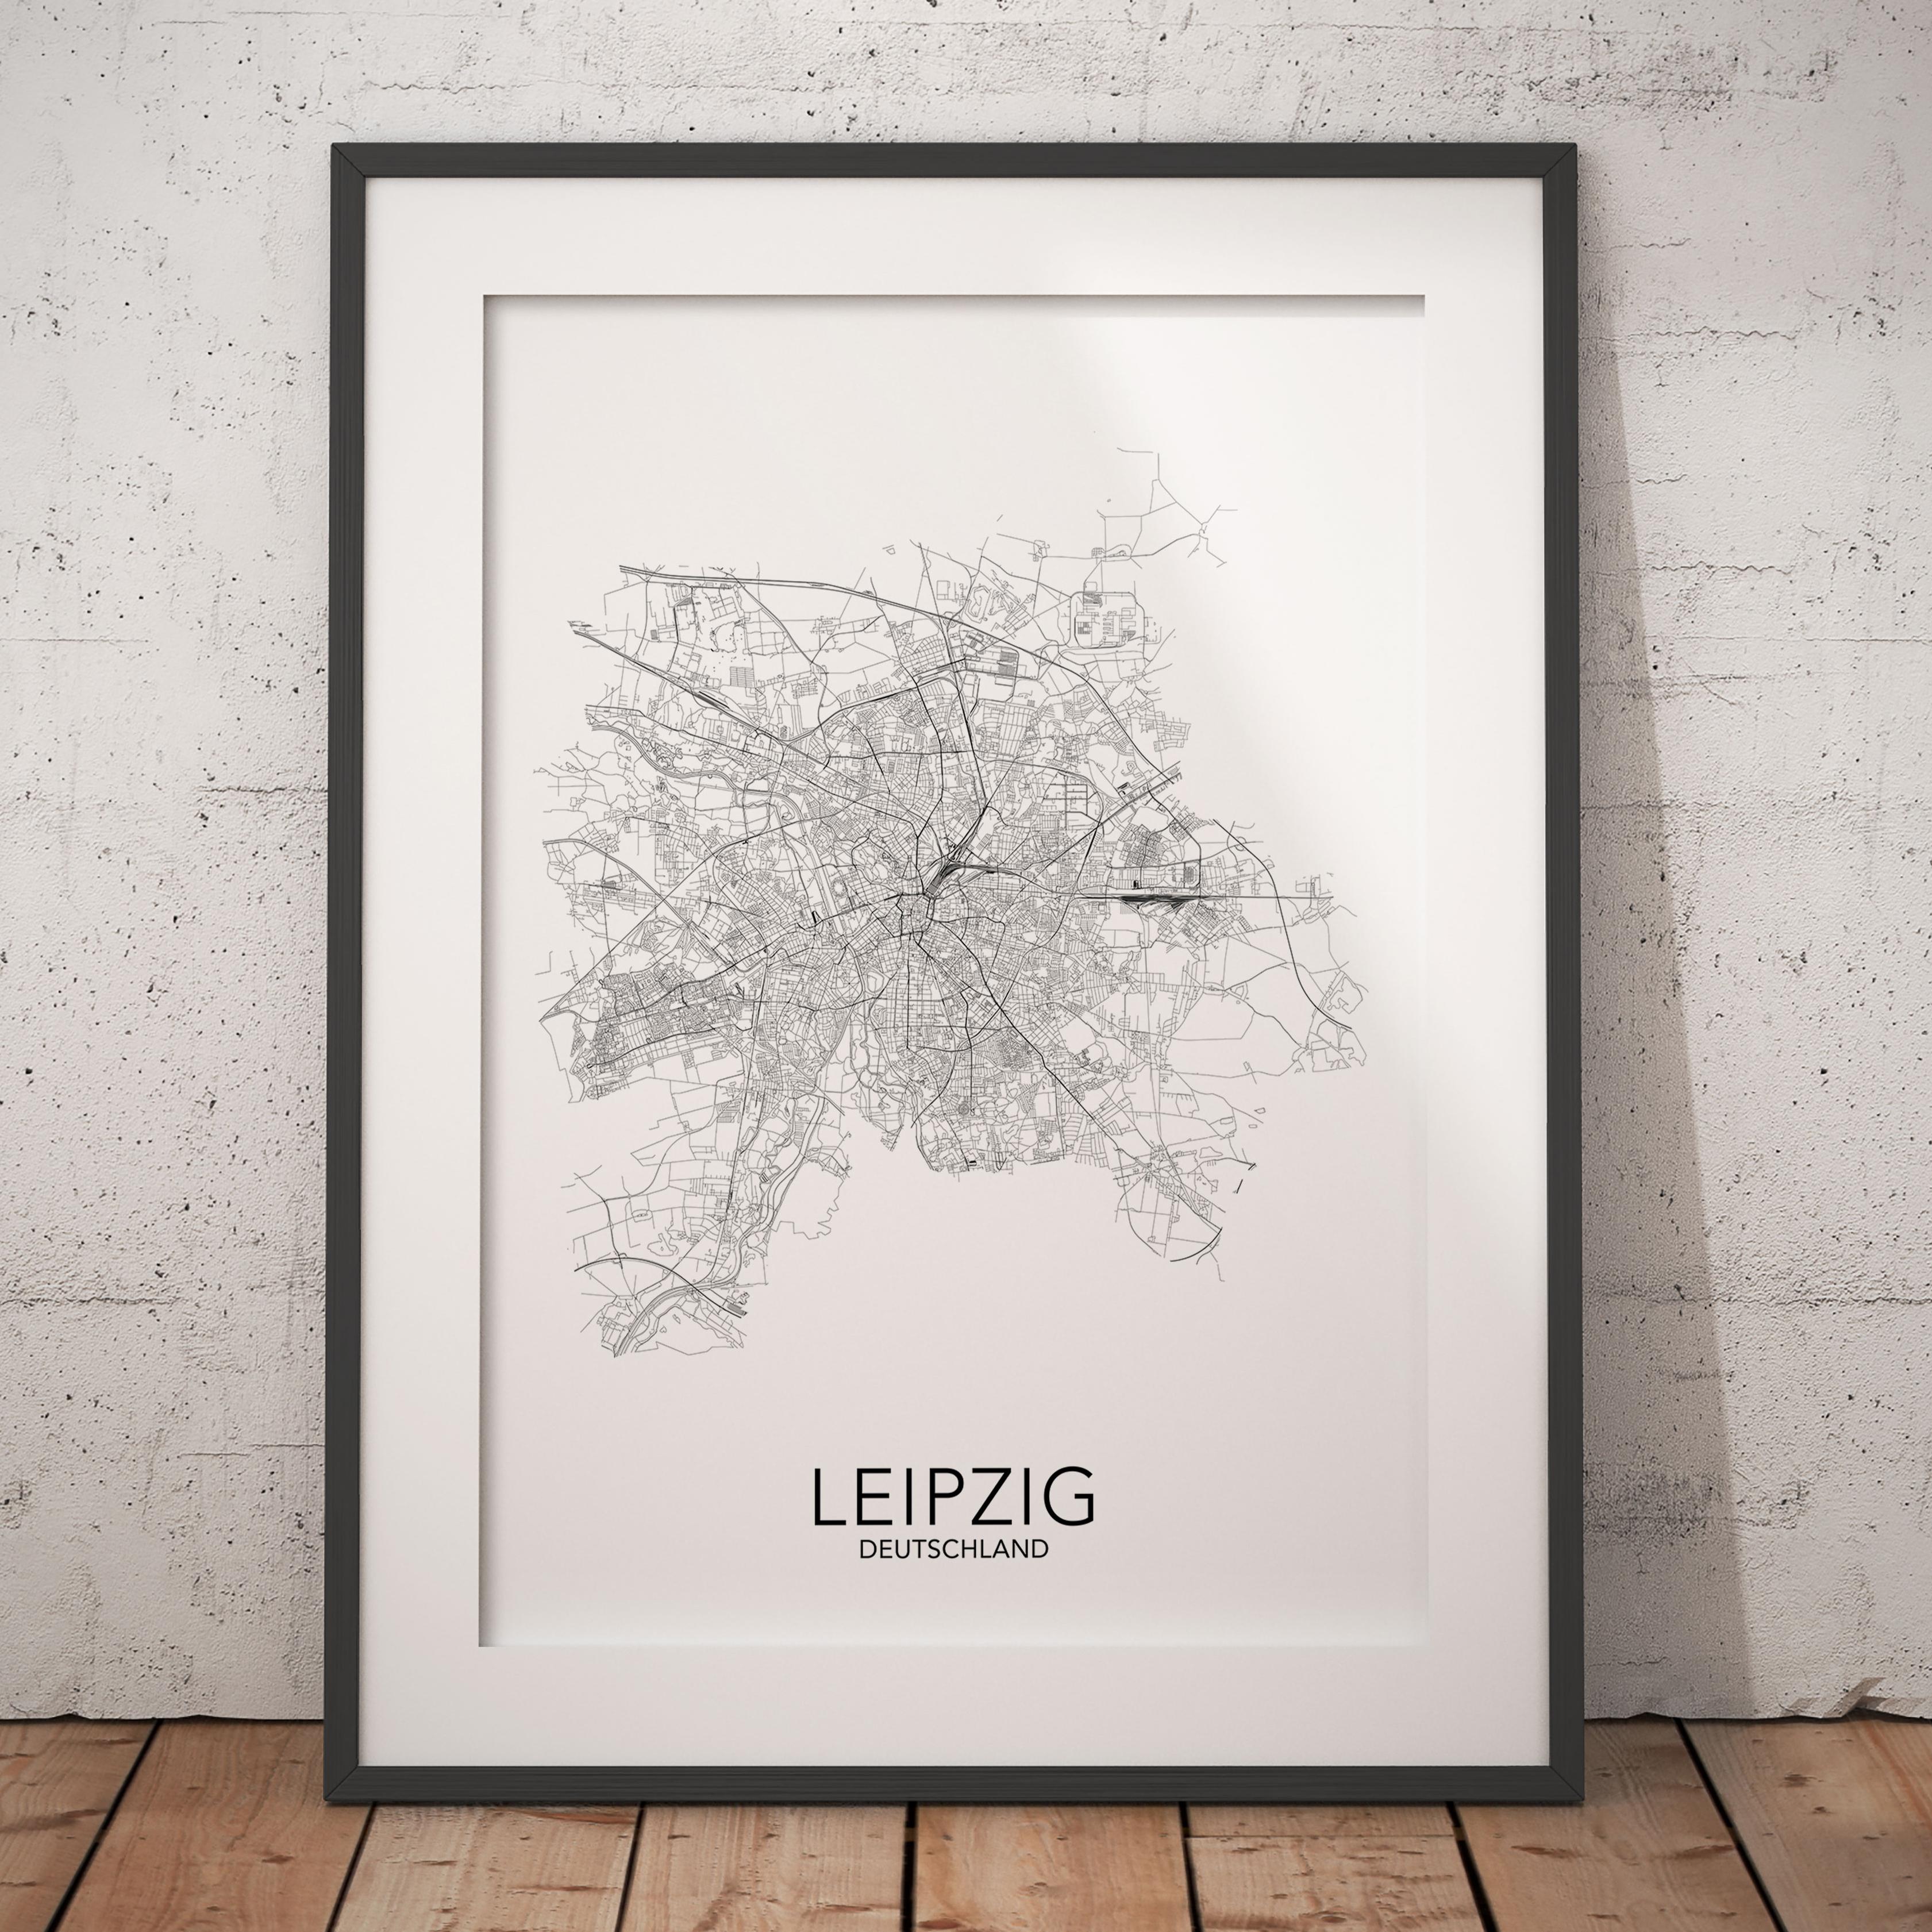 Posterlin Dein Poster Der Stadt Leipzig Bundesland Sachsen